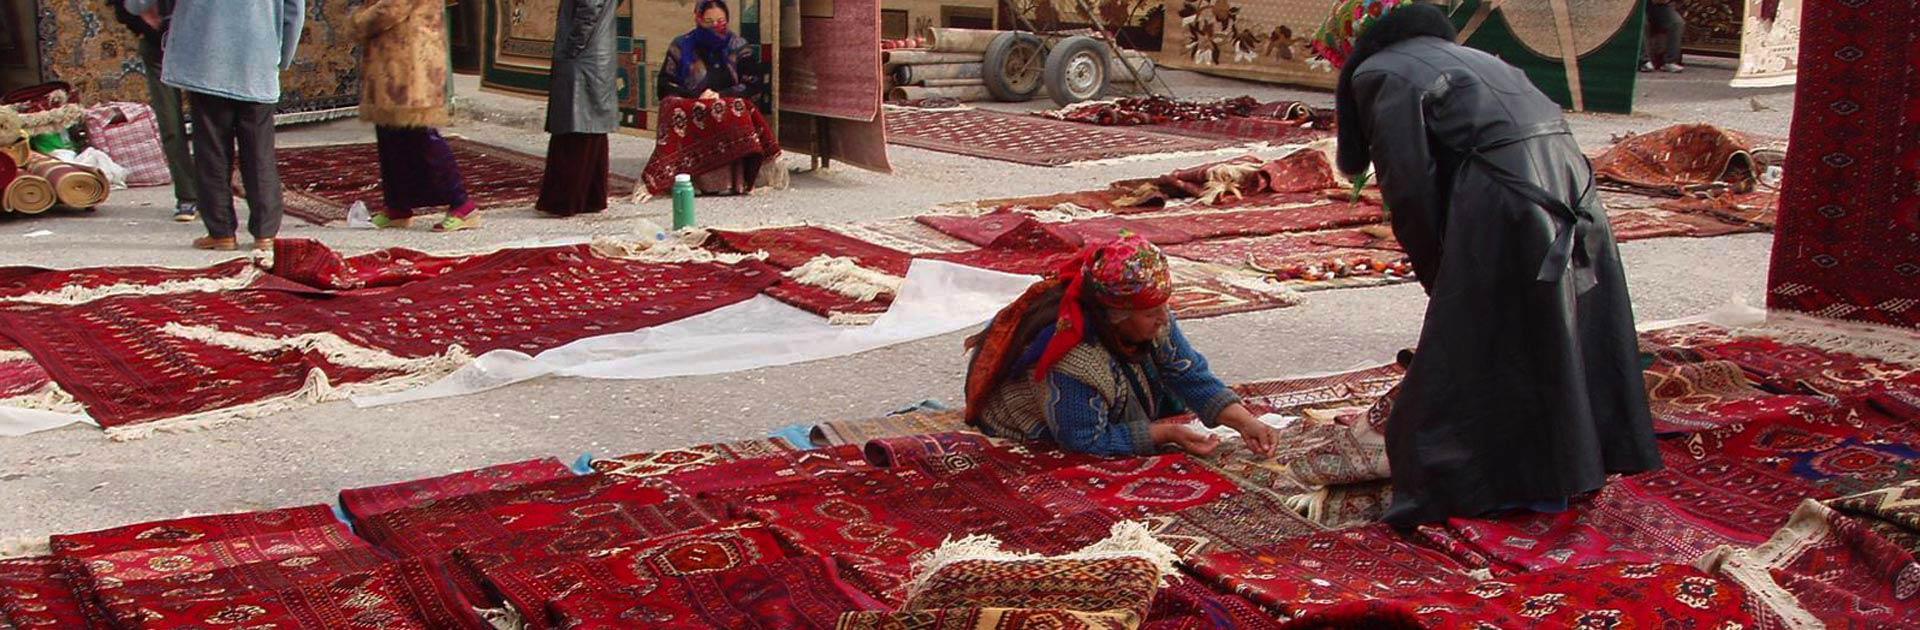 UZ Encantos de Uzbekistán y Turkmenistán 11 días 3